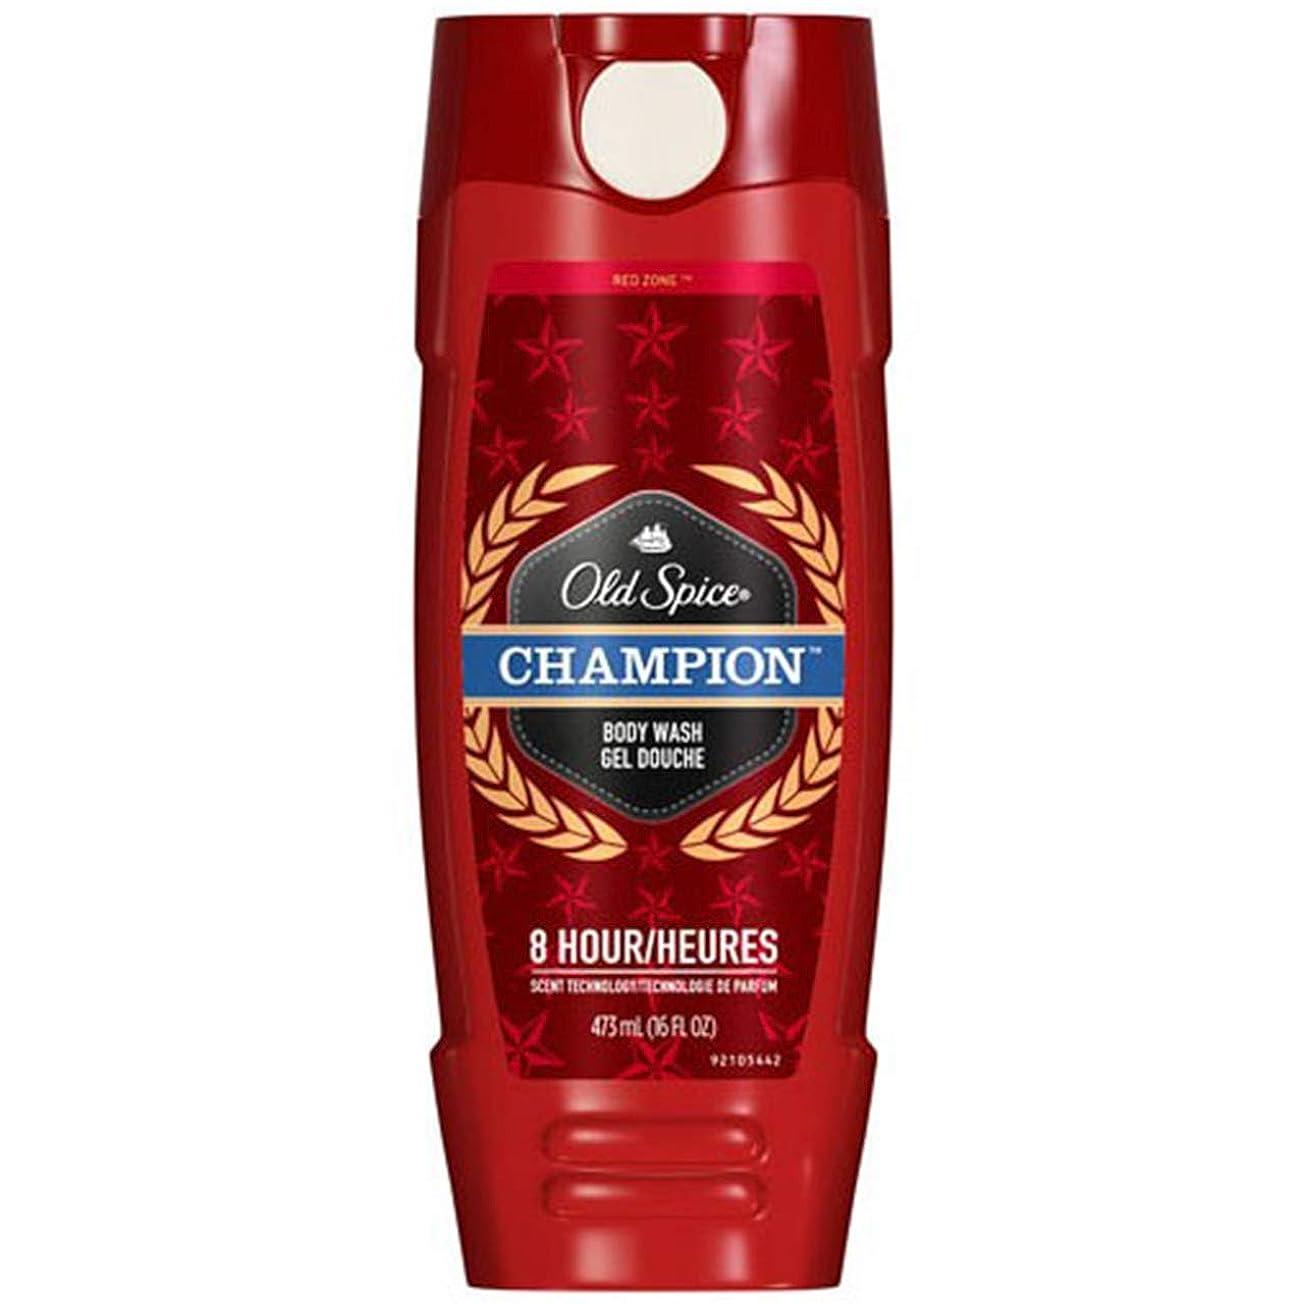 透けるフレキシブルやさしくOld Spice オールドスパイス ボディーウォッシュジェル Red Zone Body Wash GEL 473ml 並行輸入品 (CHAMPION/チャンピオン) [並行輸入品]